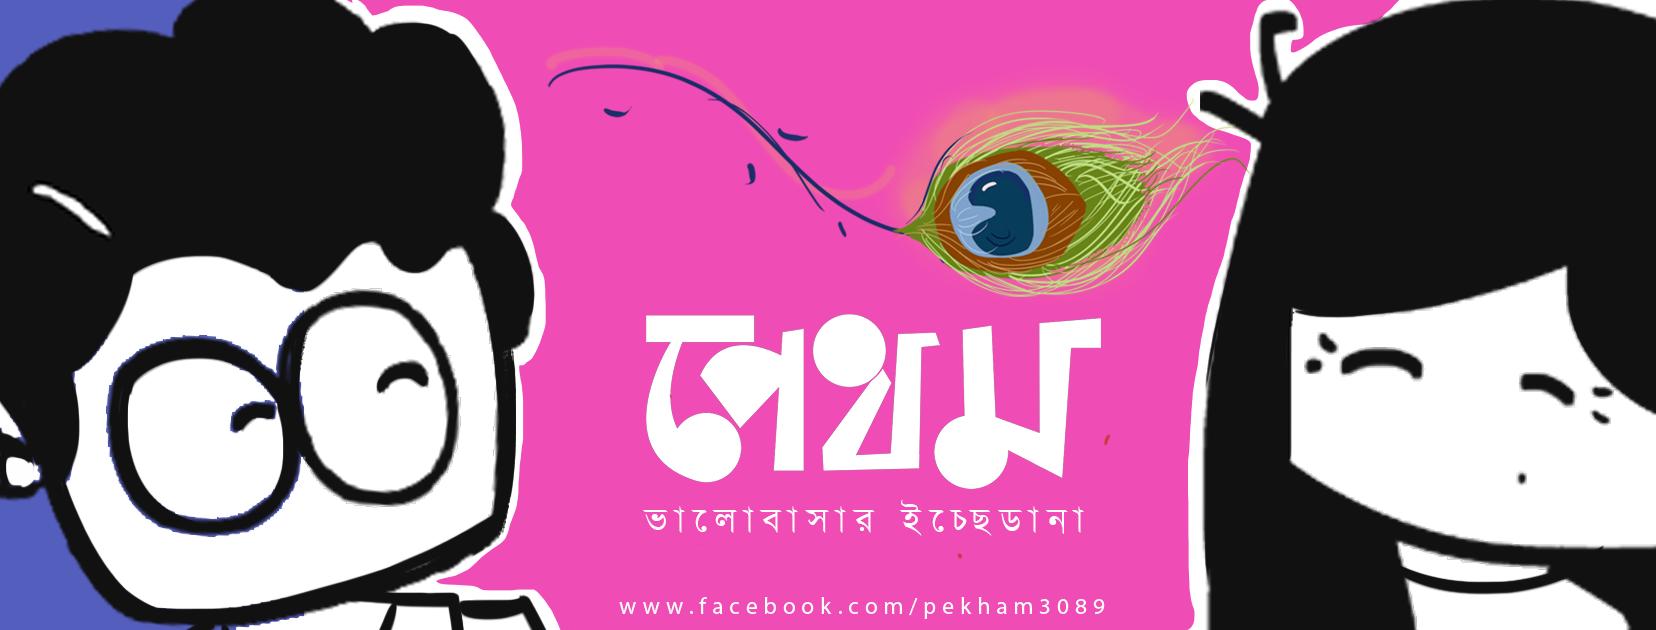 Pekham